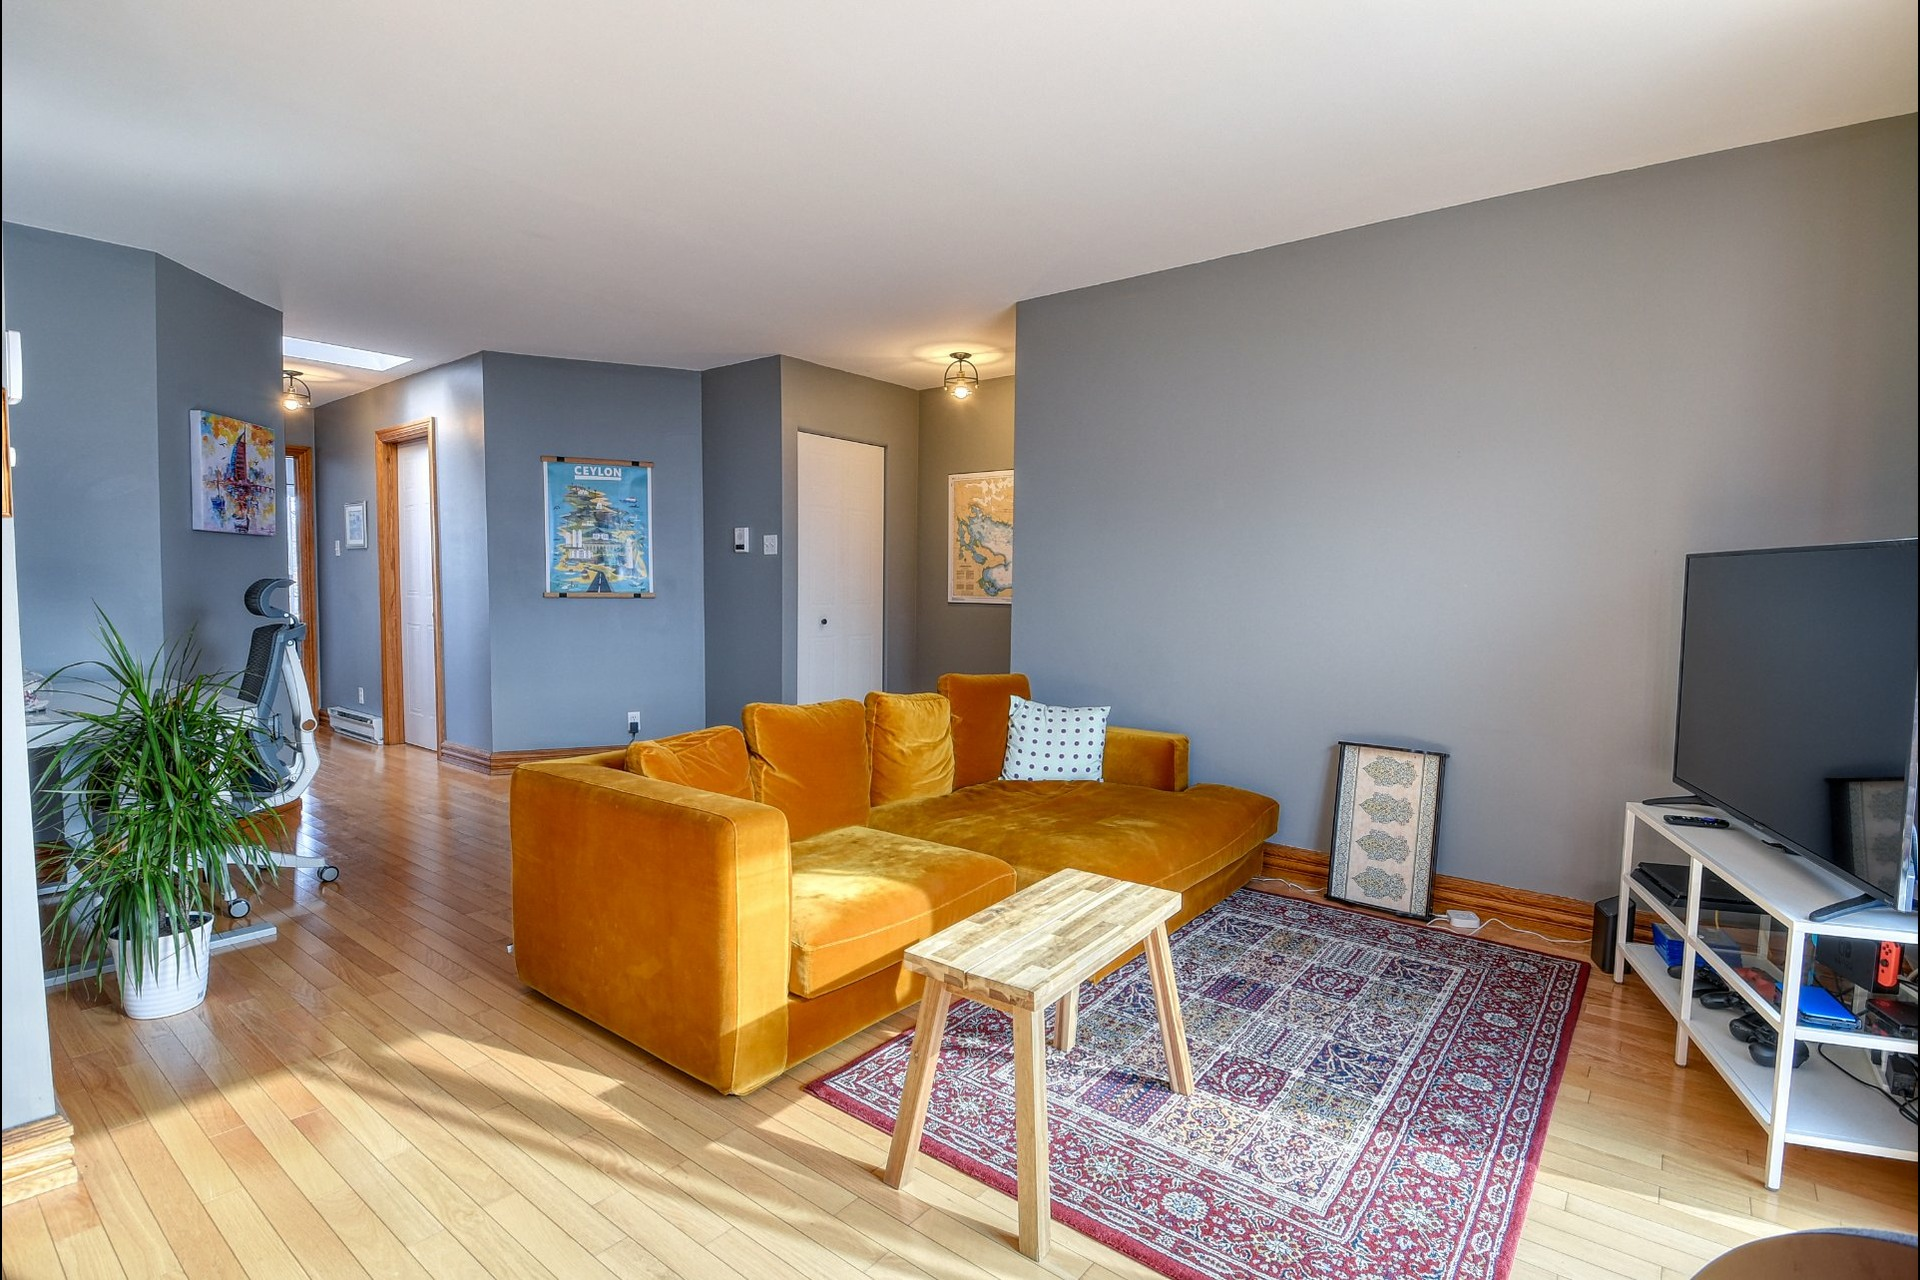 image 5 - Apartment For sale Mercier/Hochelaga-Maisonneuve Montréal  - 6 rooms